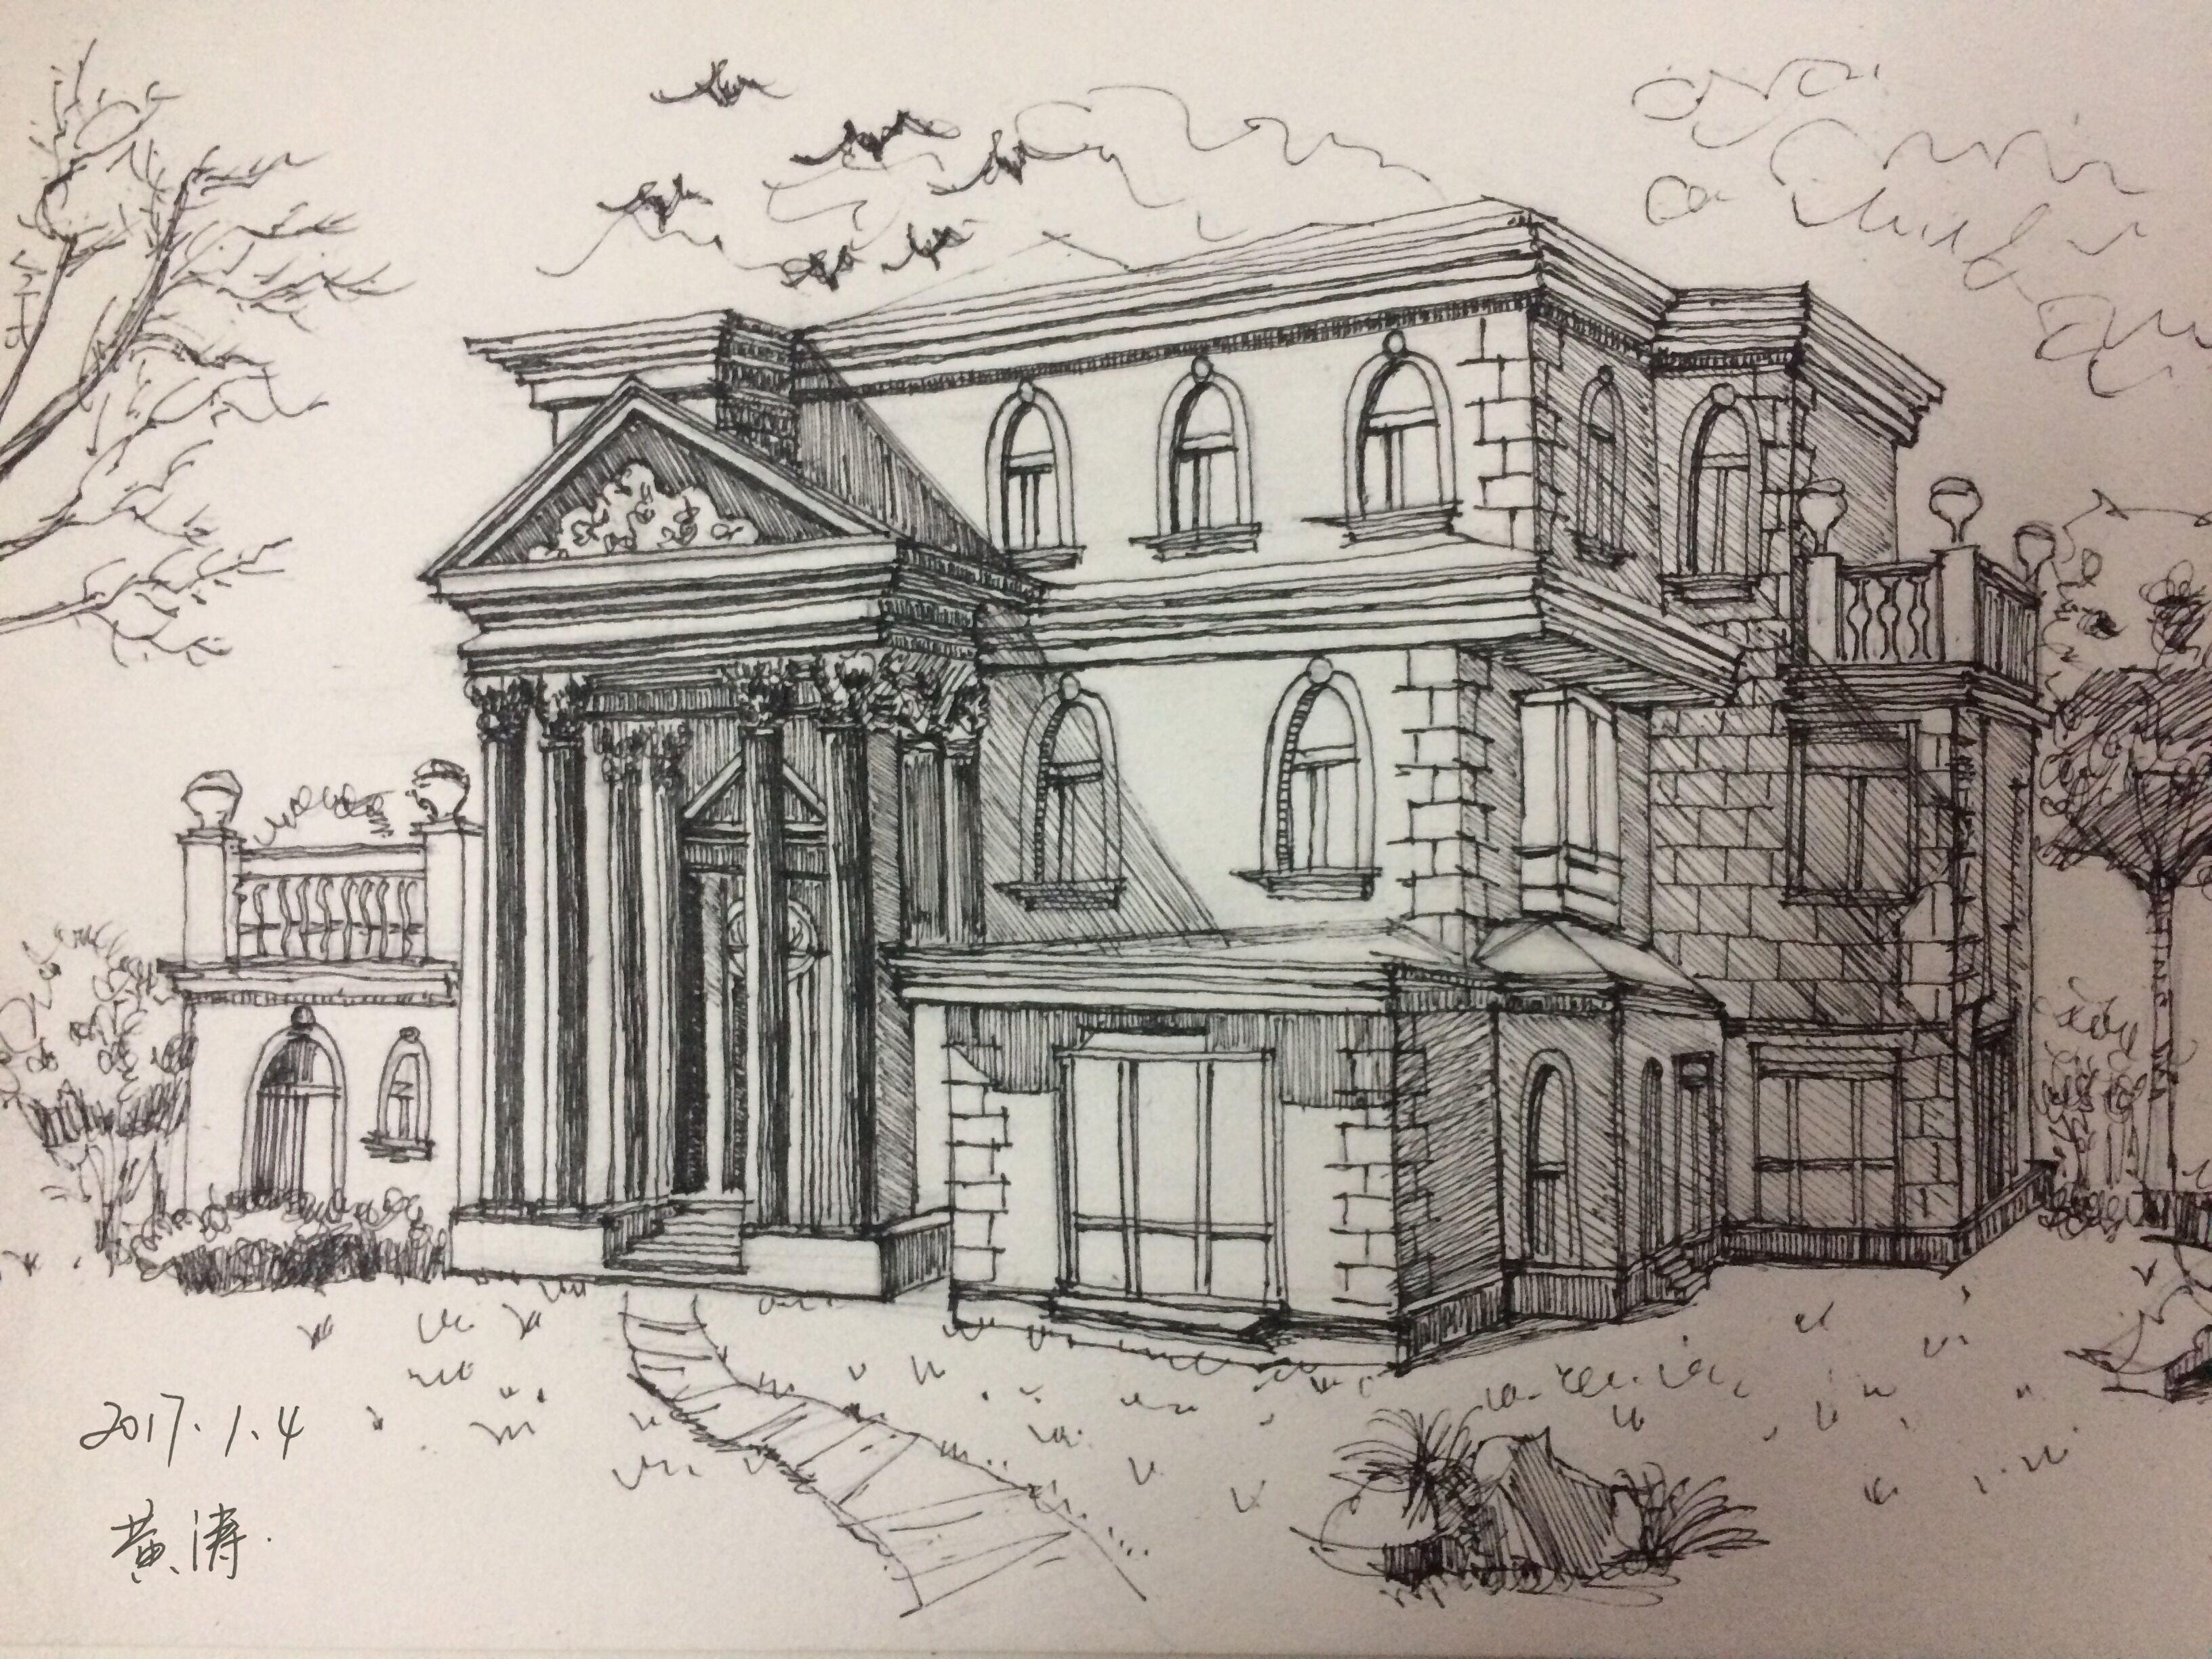 建筑速写 苏州园林 环艺设计|空间|建筑设计|尤尤图片